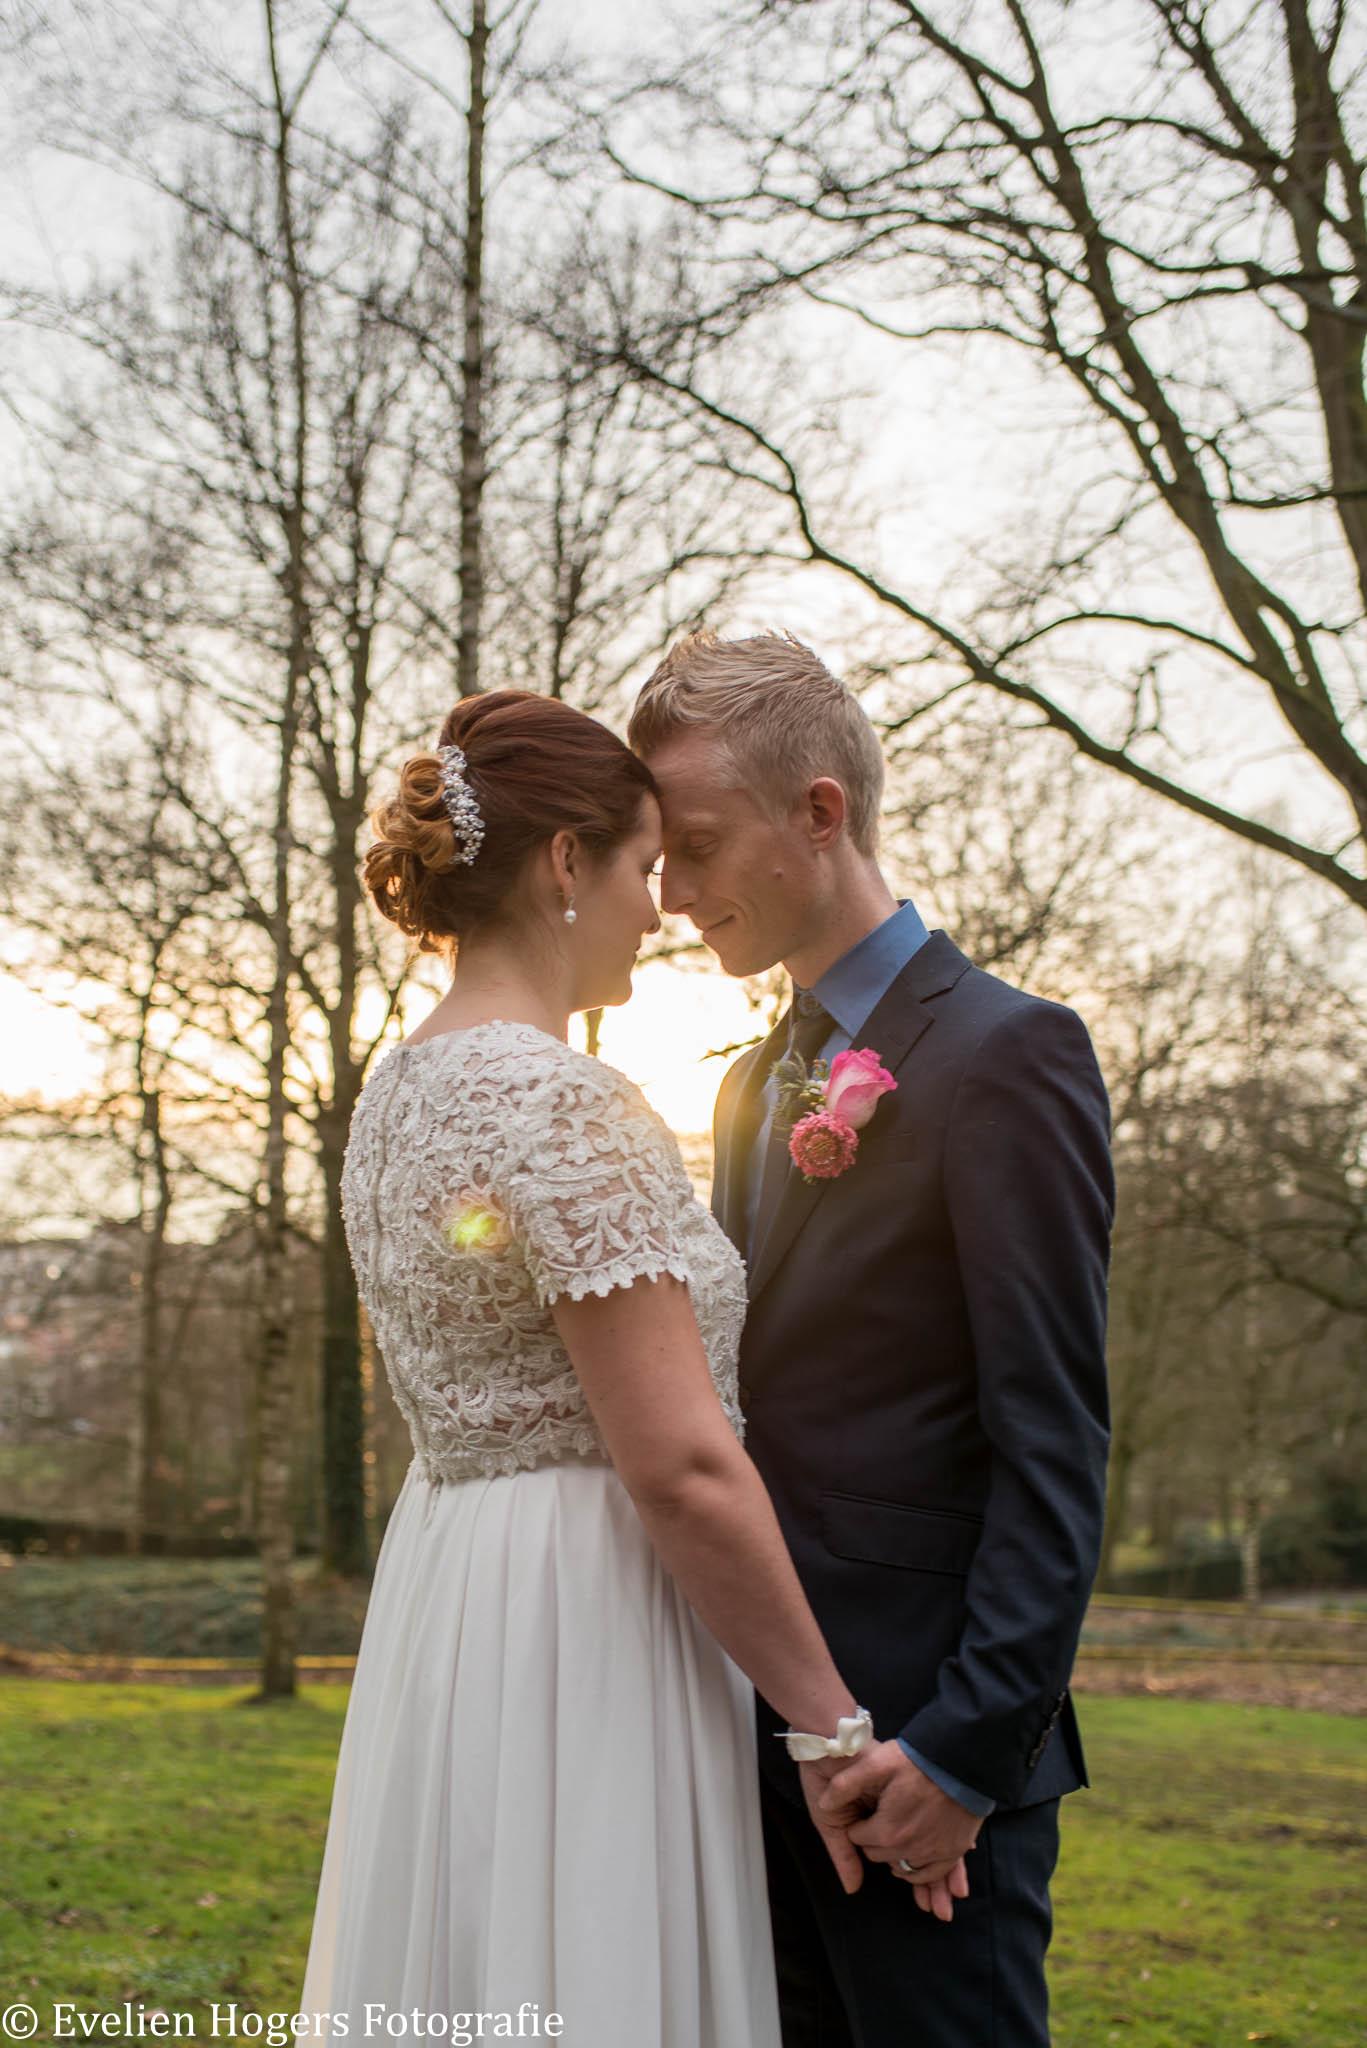 Estate_wedding_Metwatermerk-79.jpg